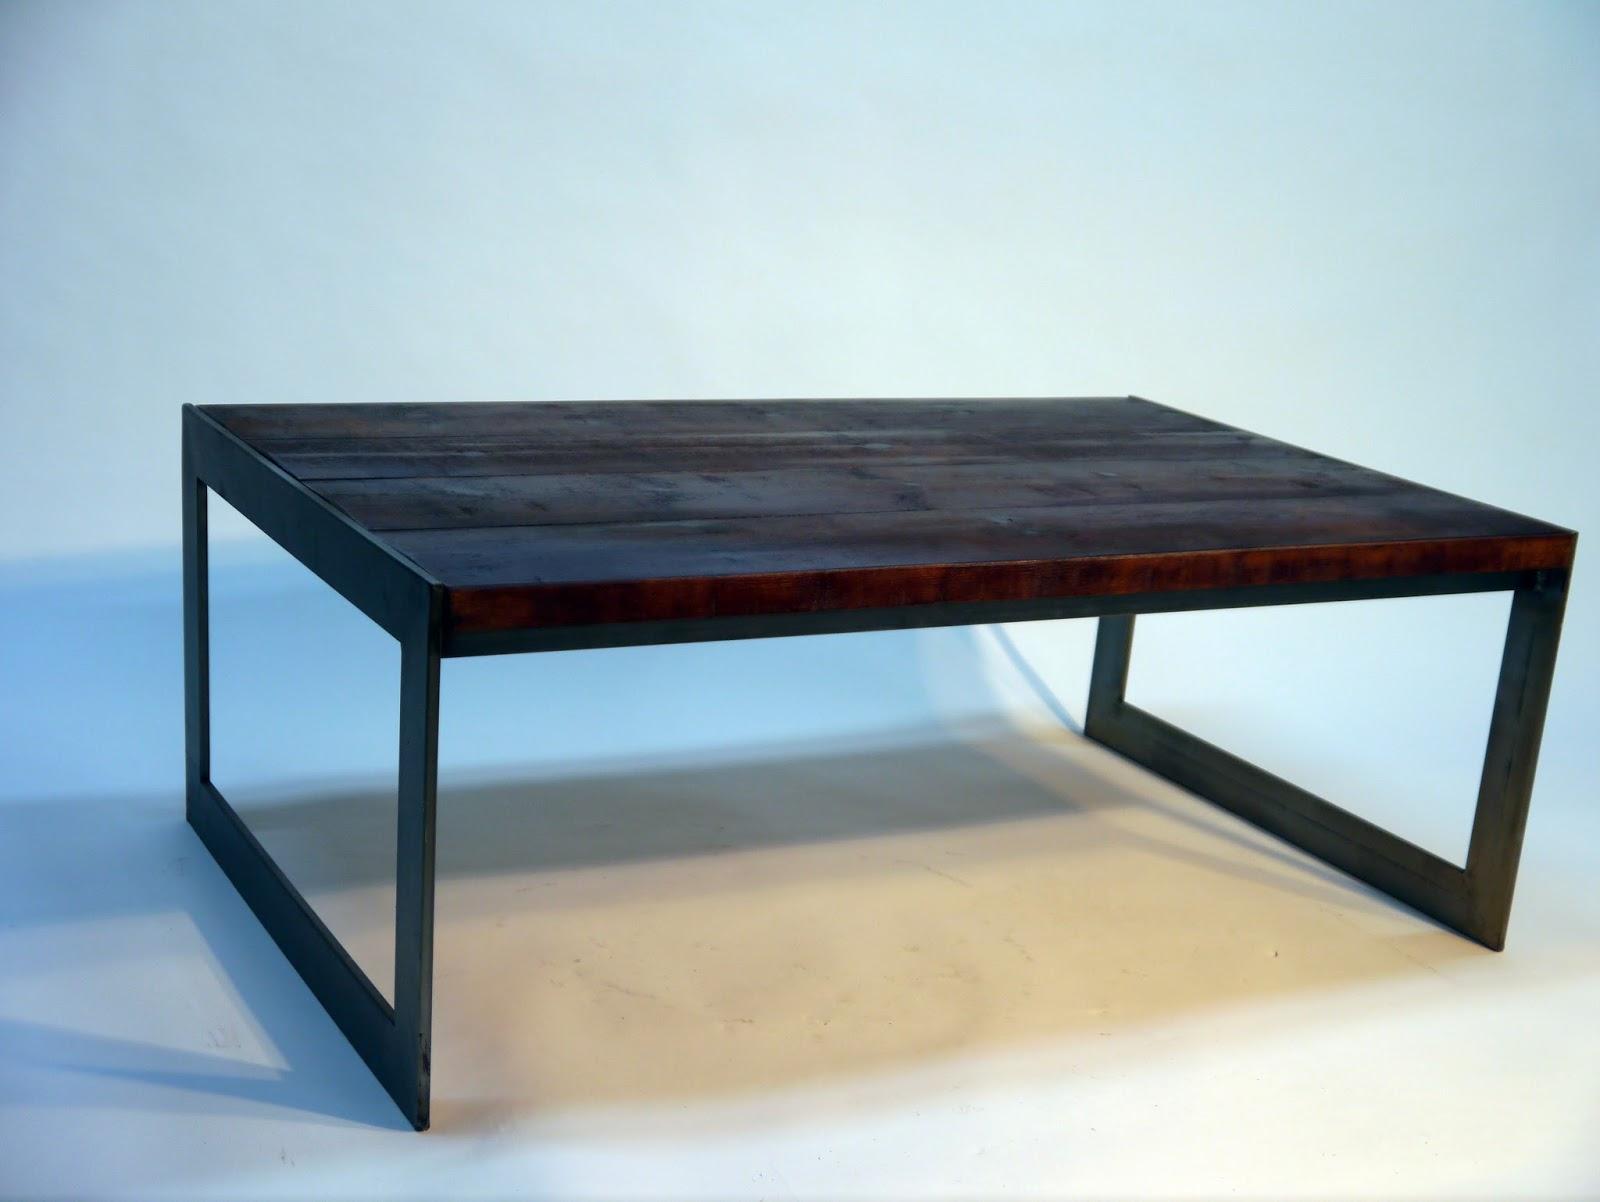 MIL ANUNCIOS COM Forja Muebles forja Venta de  - imagenes de muebles en hierro forjado y madera